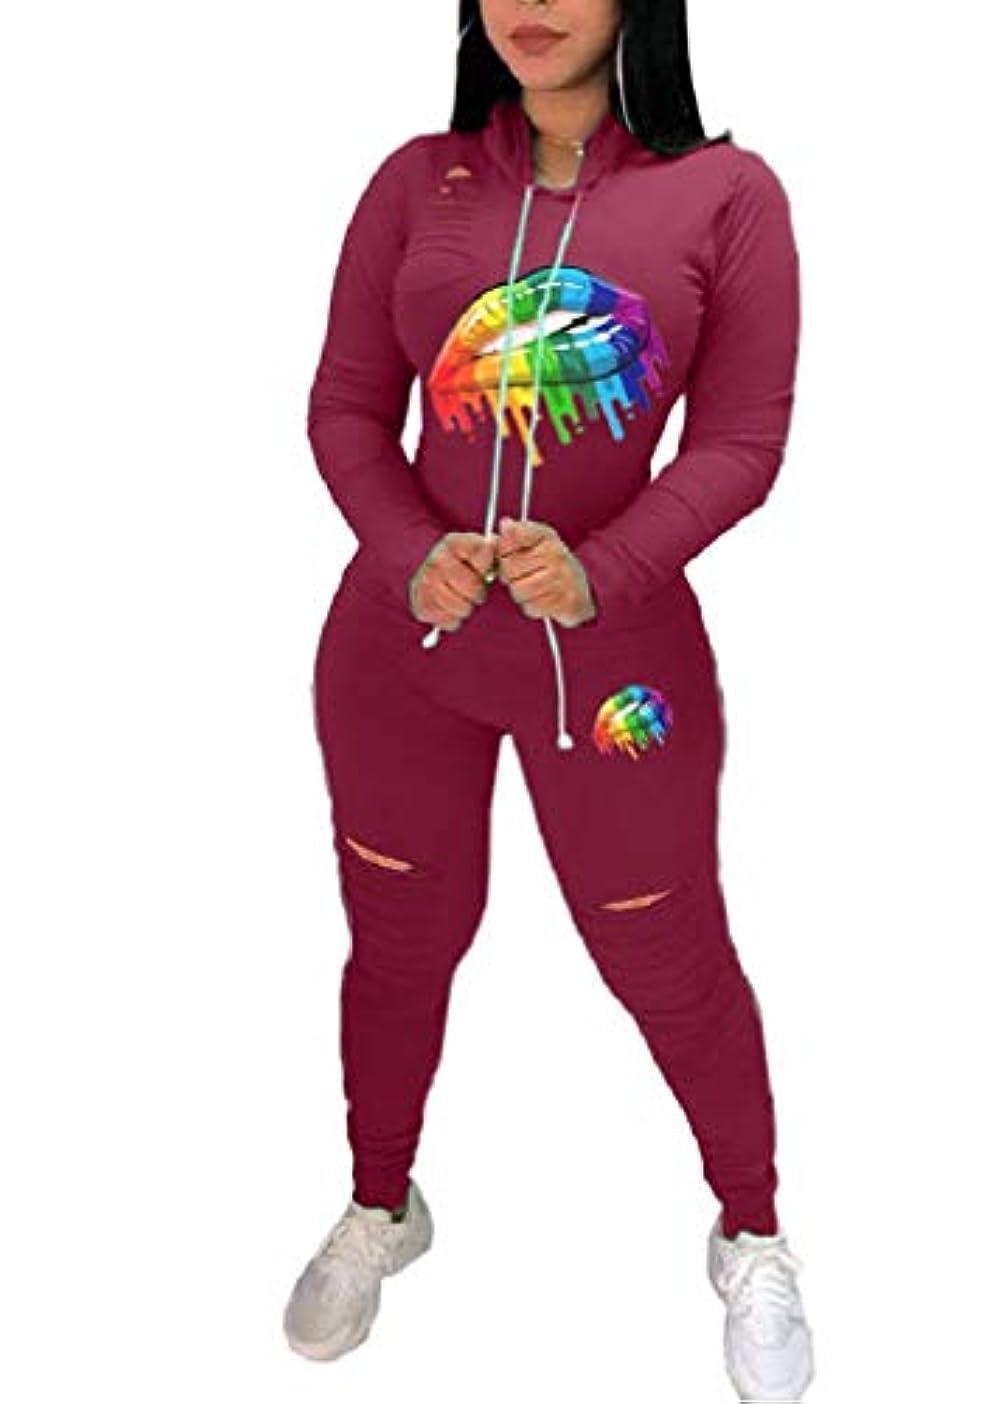 掃くモザイクロケットcheelot 女性カジュアルフローラルプリントトップとスキニーパンツ衣装2ピーススーツ